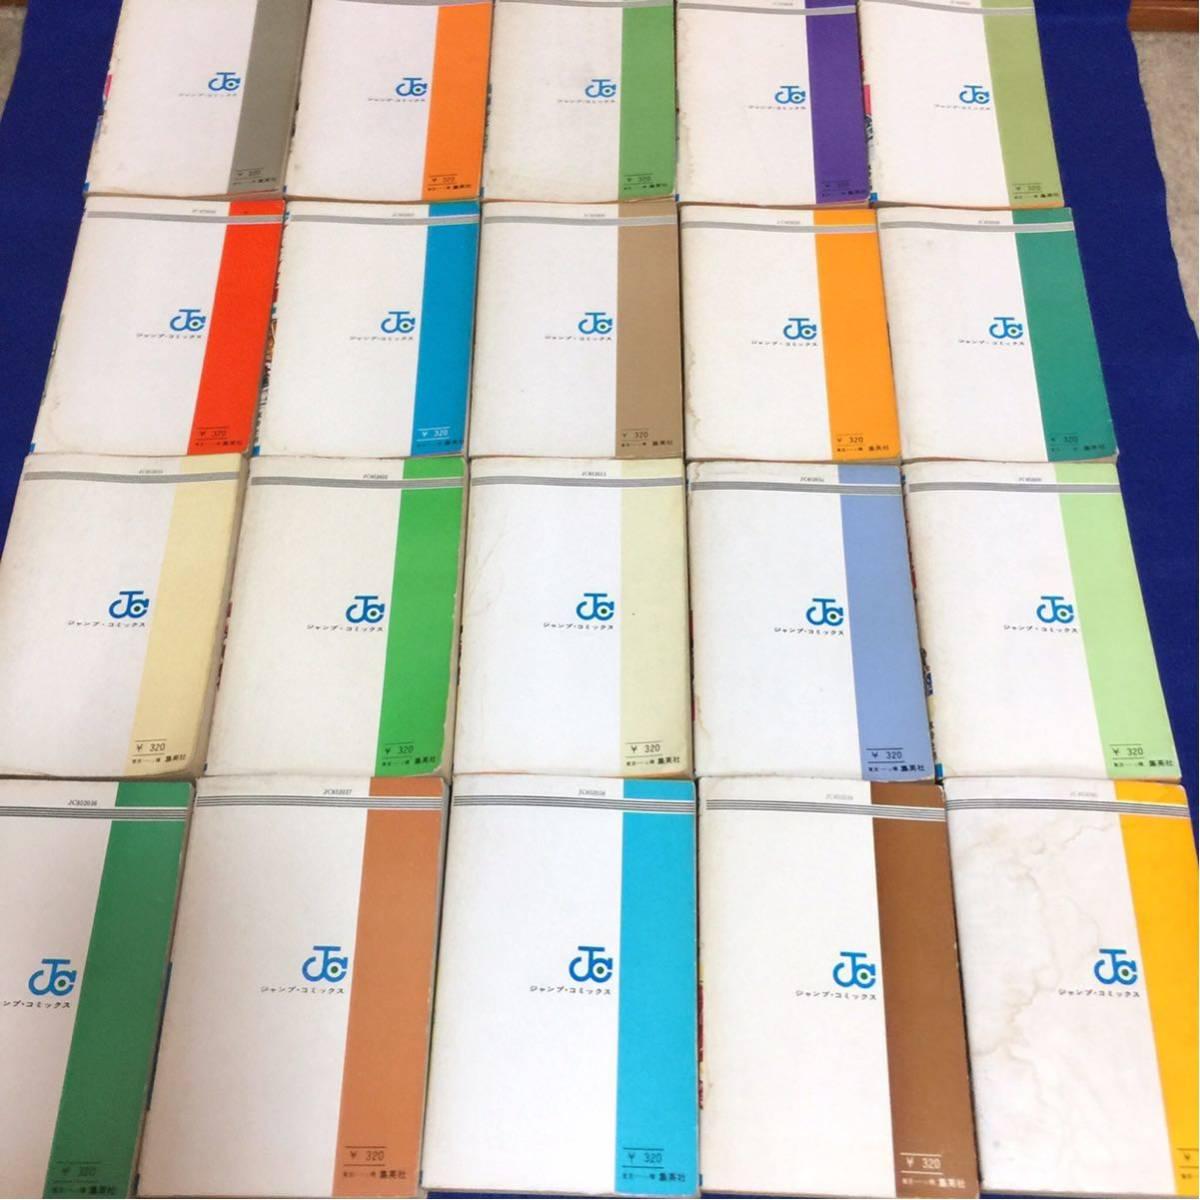 アストロ球団 全巻セット 少年ジャンプ 中島徳博 ジャンプコミックス 11冊は初刊 初版_画像3